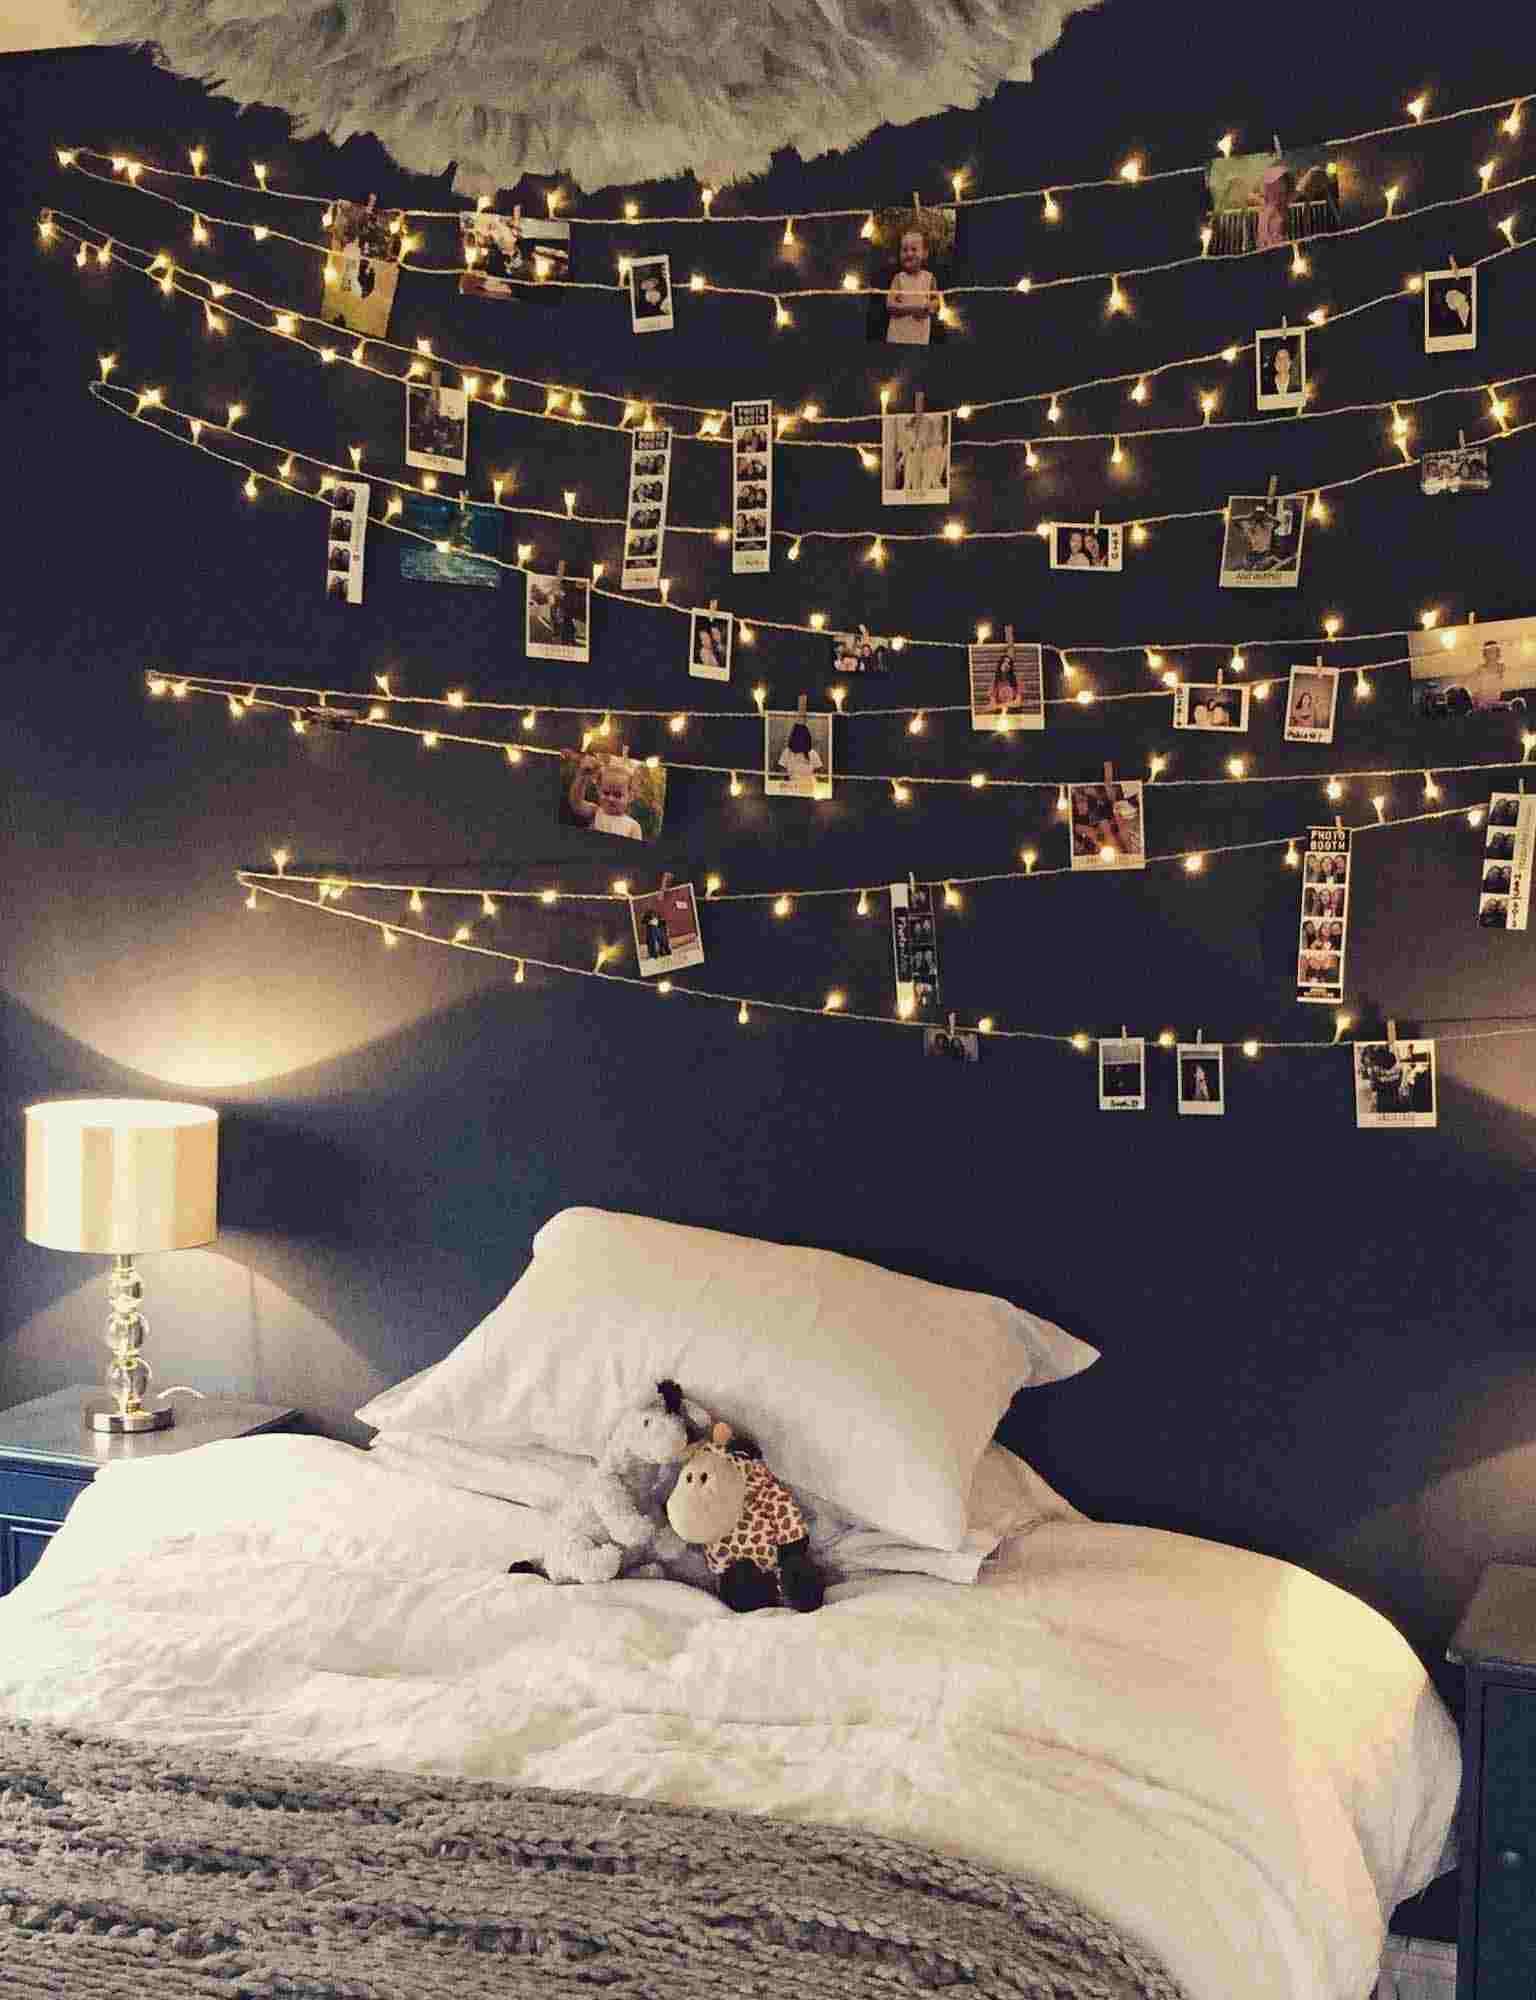 Full Size of Schlafzimmer Dekorieren Tumblr Zimmer Inspiration 50 Tolle Deko Ideen Fr Vorhänge Schranksysteme Set Weiß Led Deckenleuchte Deckenleuchten Tapeten Rauch Wohnzimmer Schlafzimmer Dekorieren